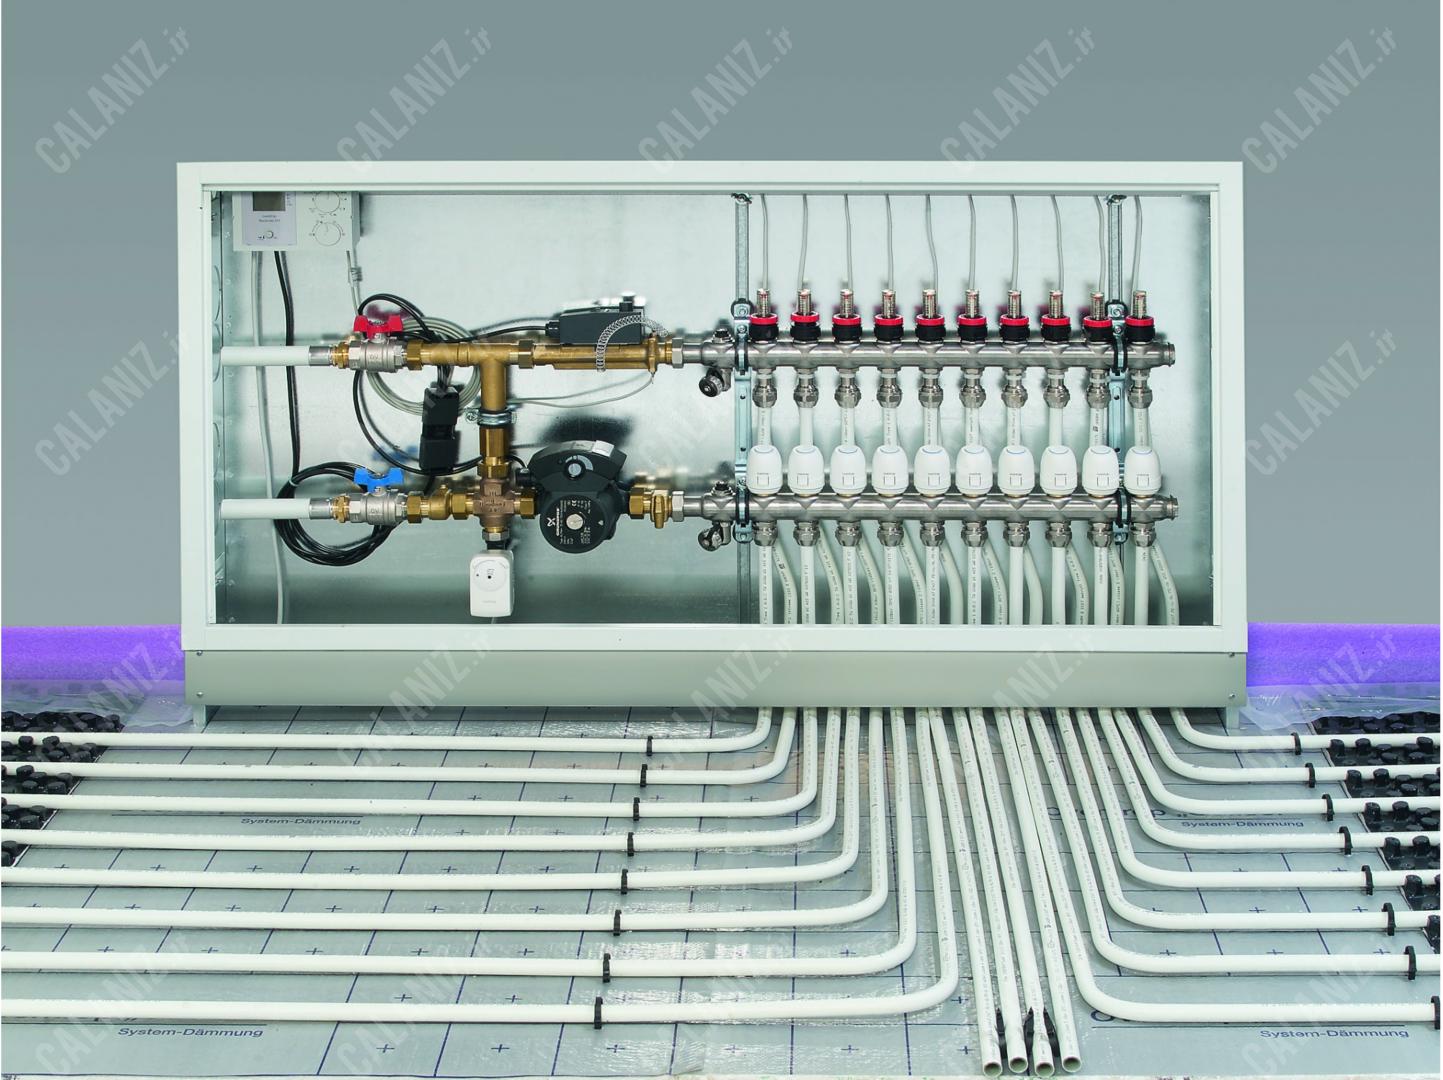 ابعاد جعبه کلکتور های اوون تروپ آلمان oventrop - دفتر فنی مهندسی کالانیز calaniz 2